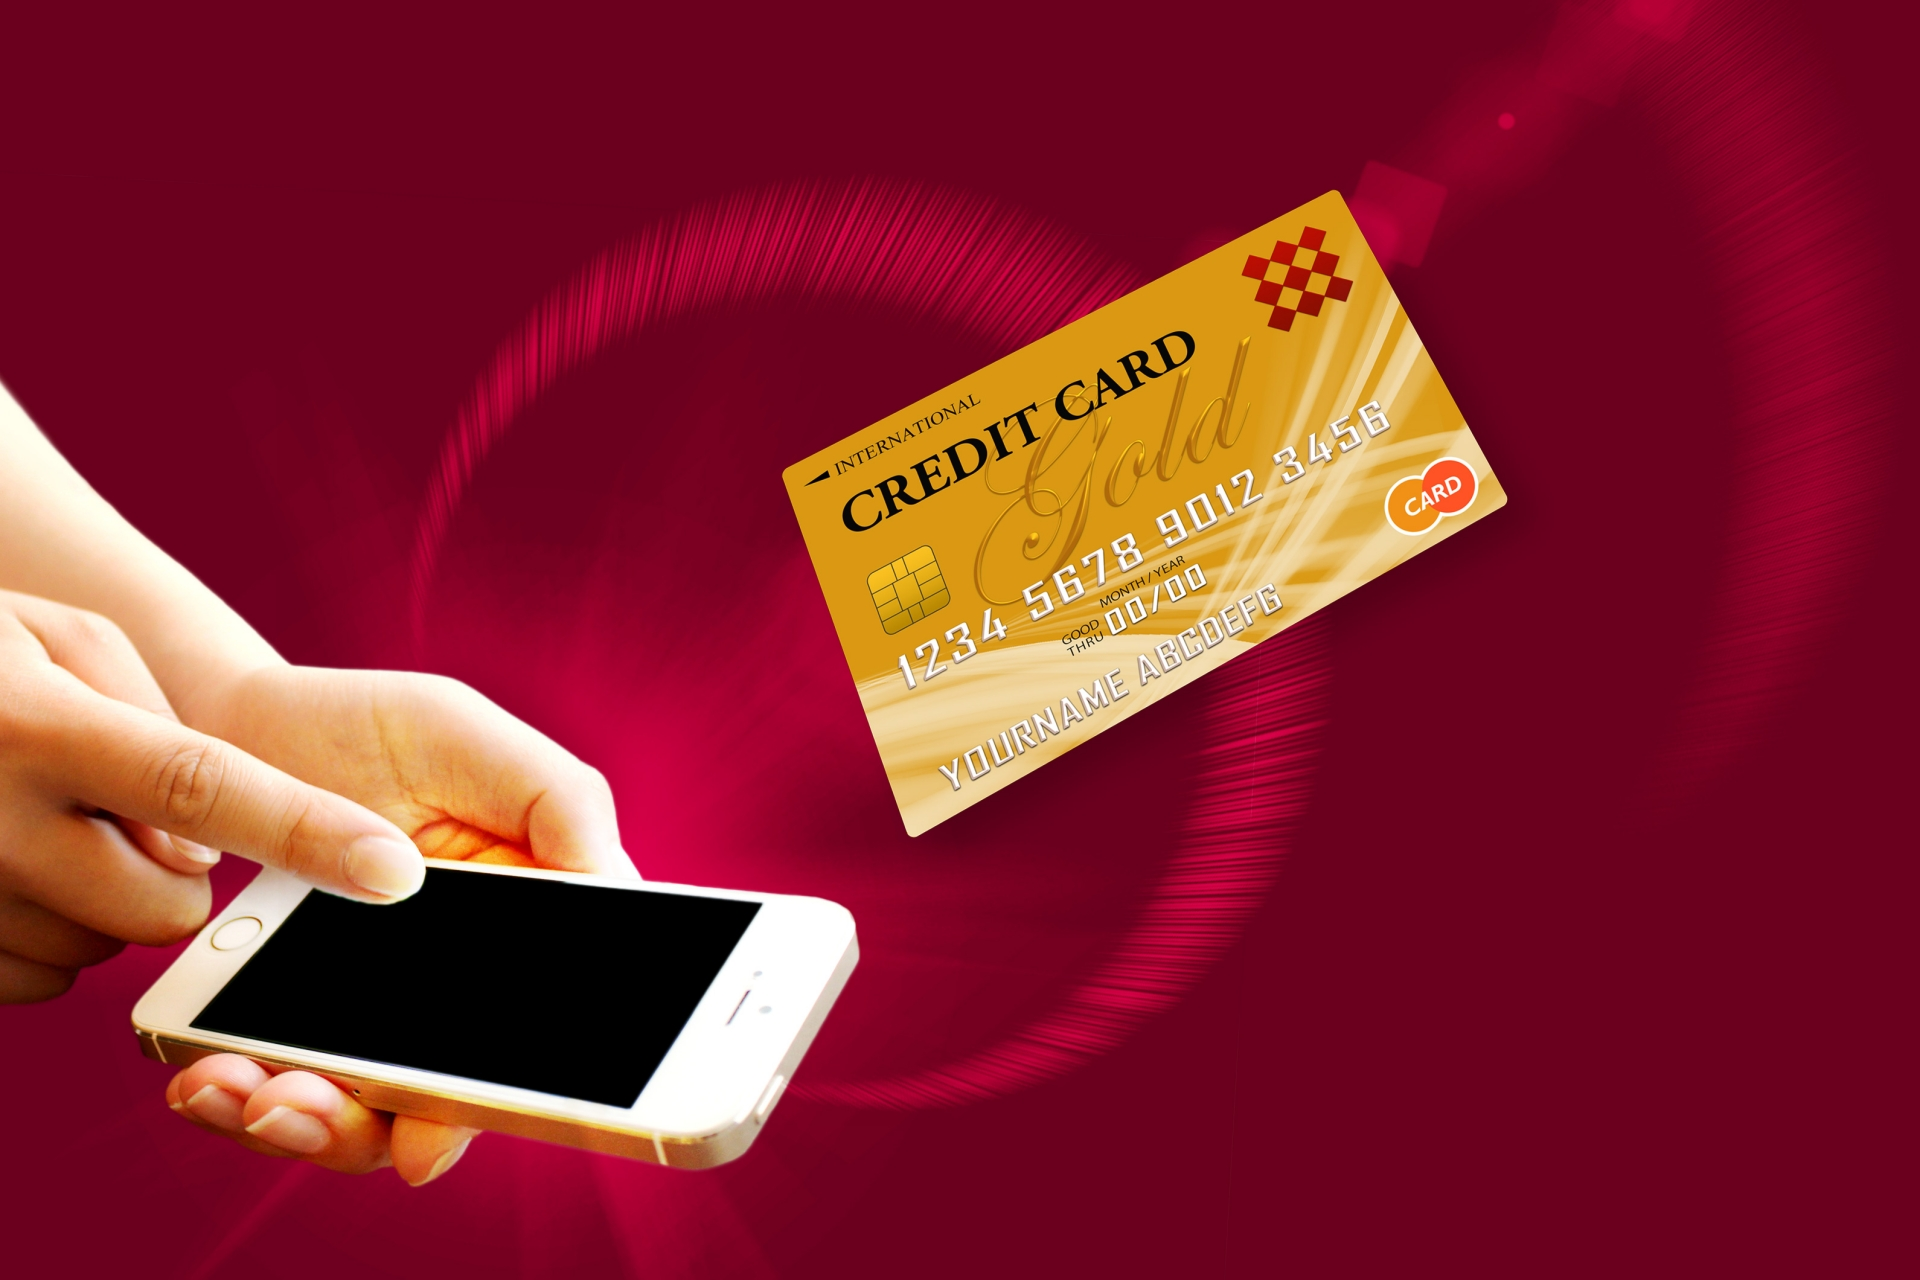 明細 イオン 携帯 カード 確認